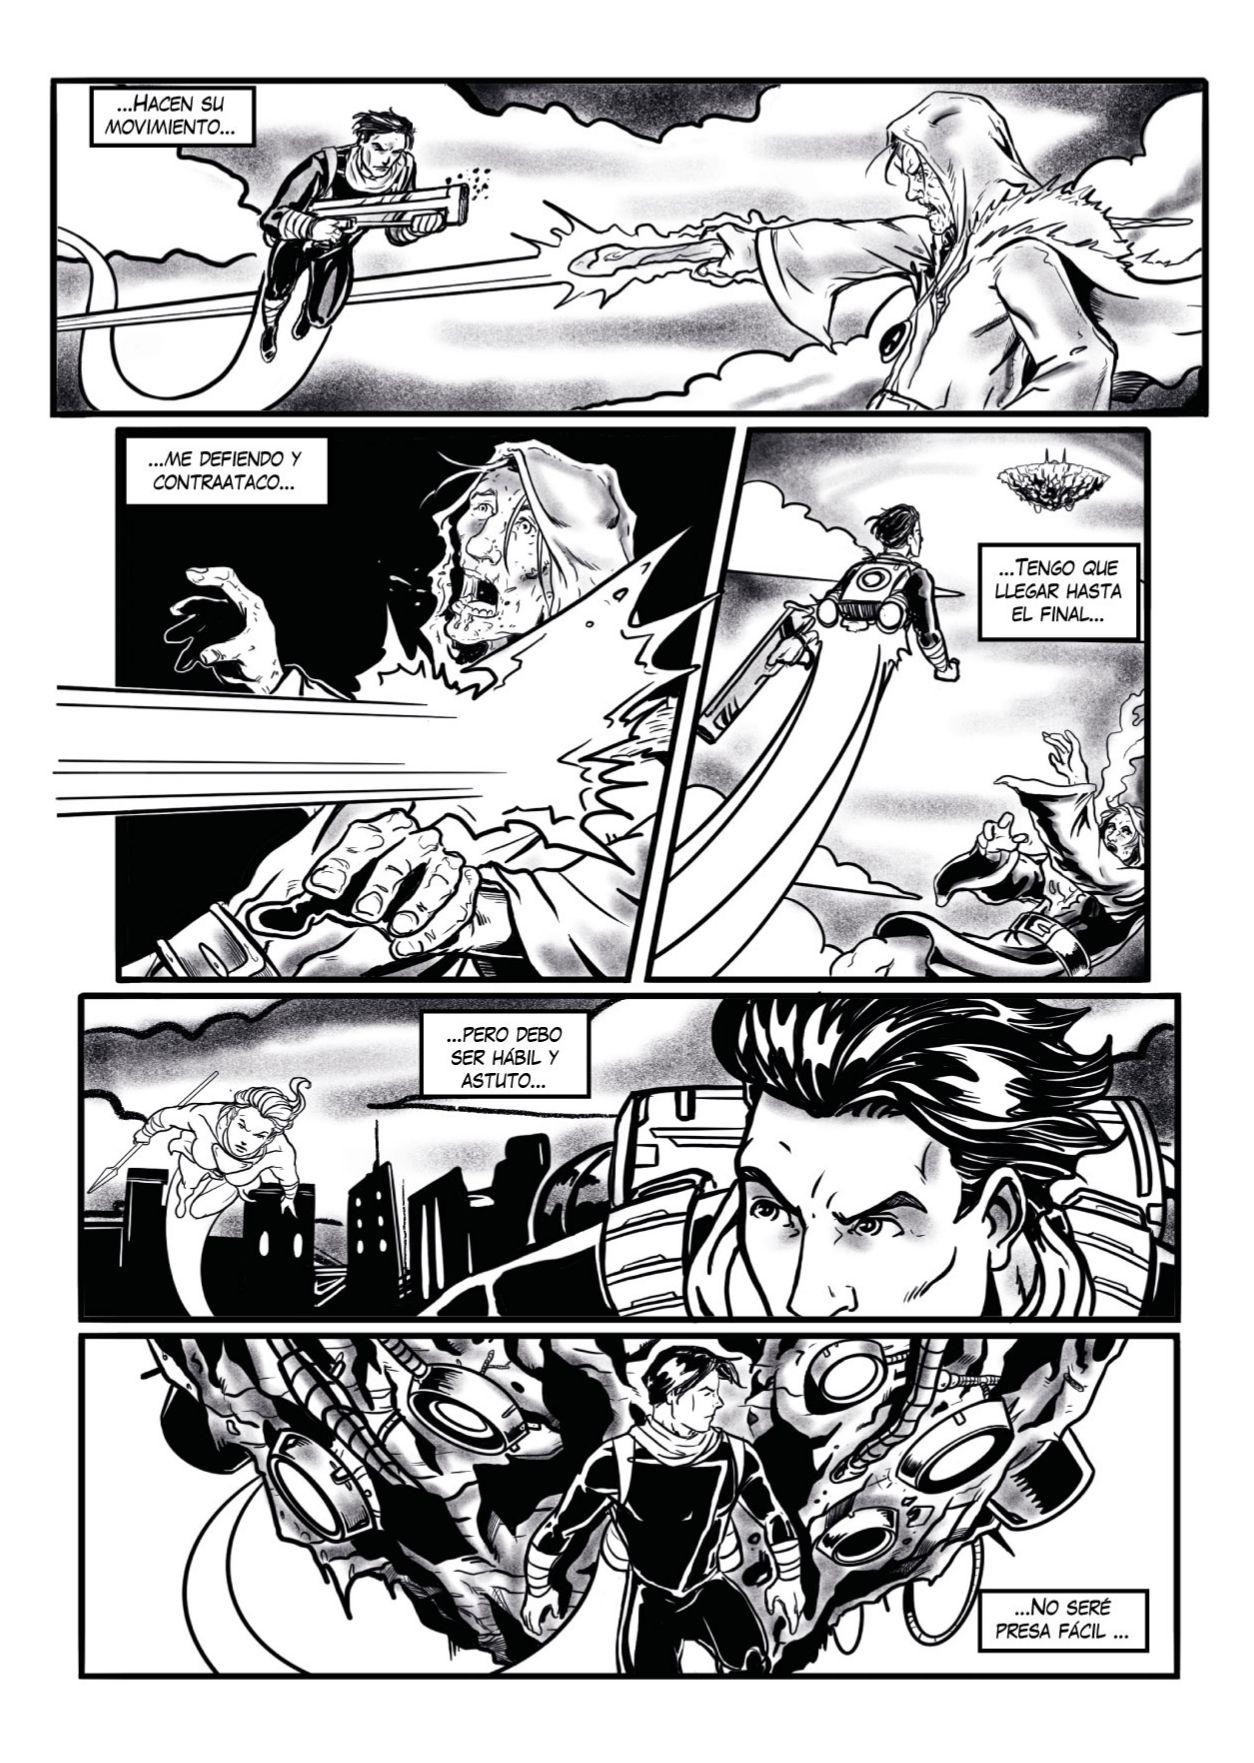 Monstruo-y-otras-historias-26